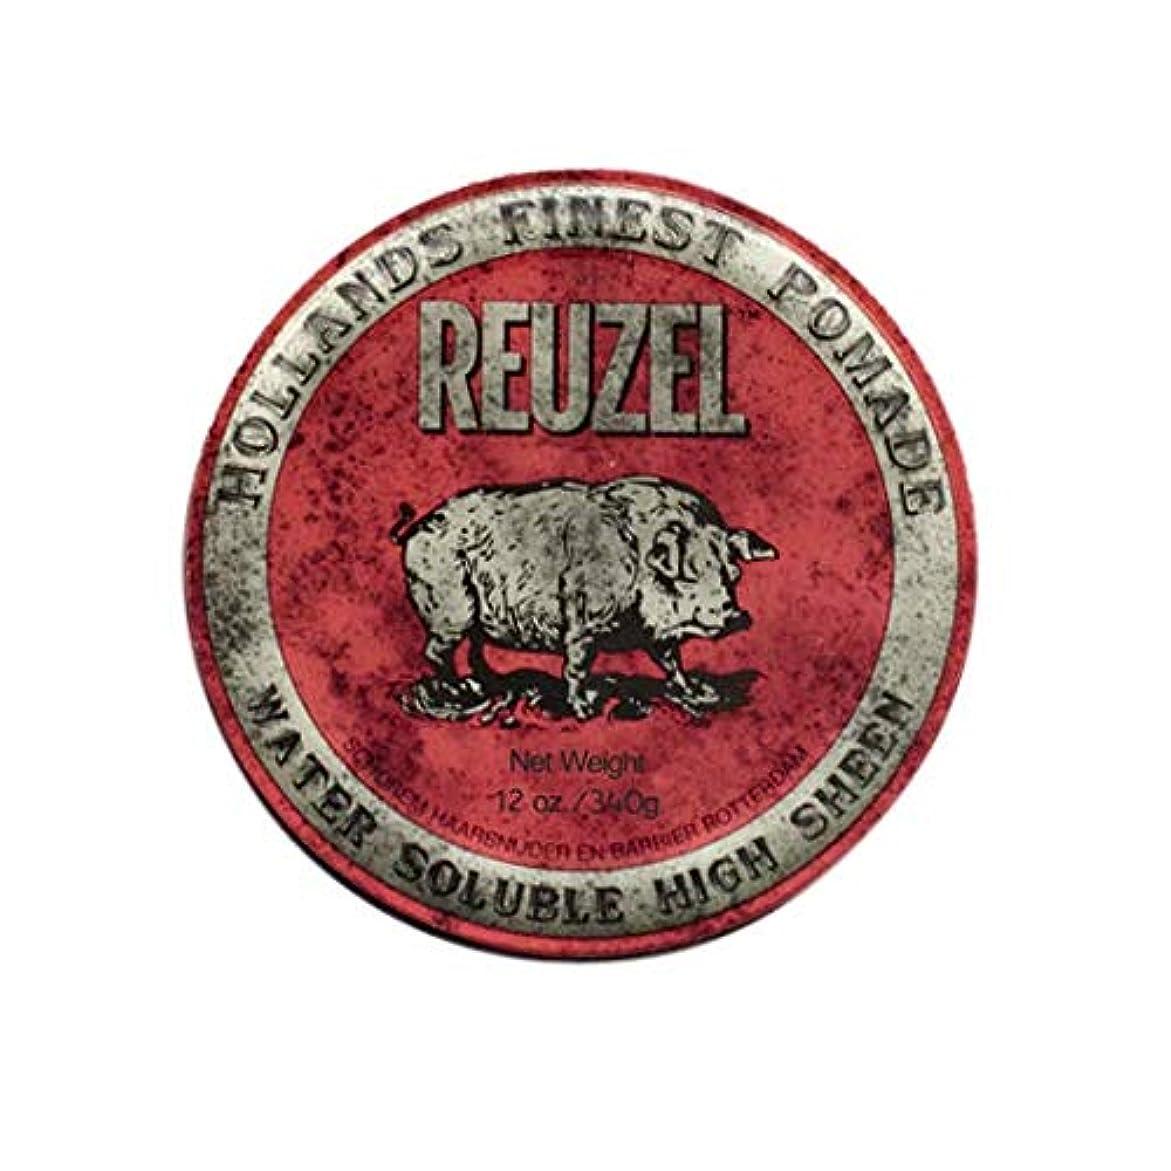 バクテリア昆虫を見る引き受けるルーゾー(REUZEL) ミディアムホールド レッド HIGH SHINE 340g